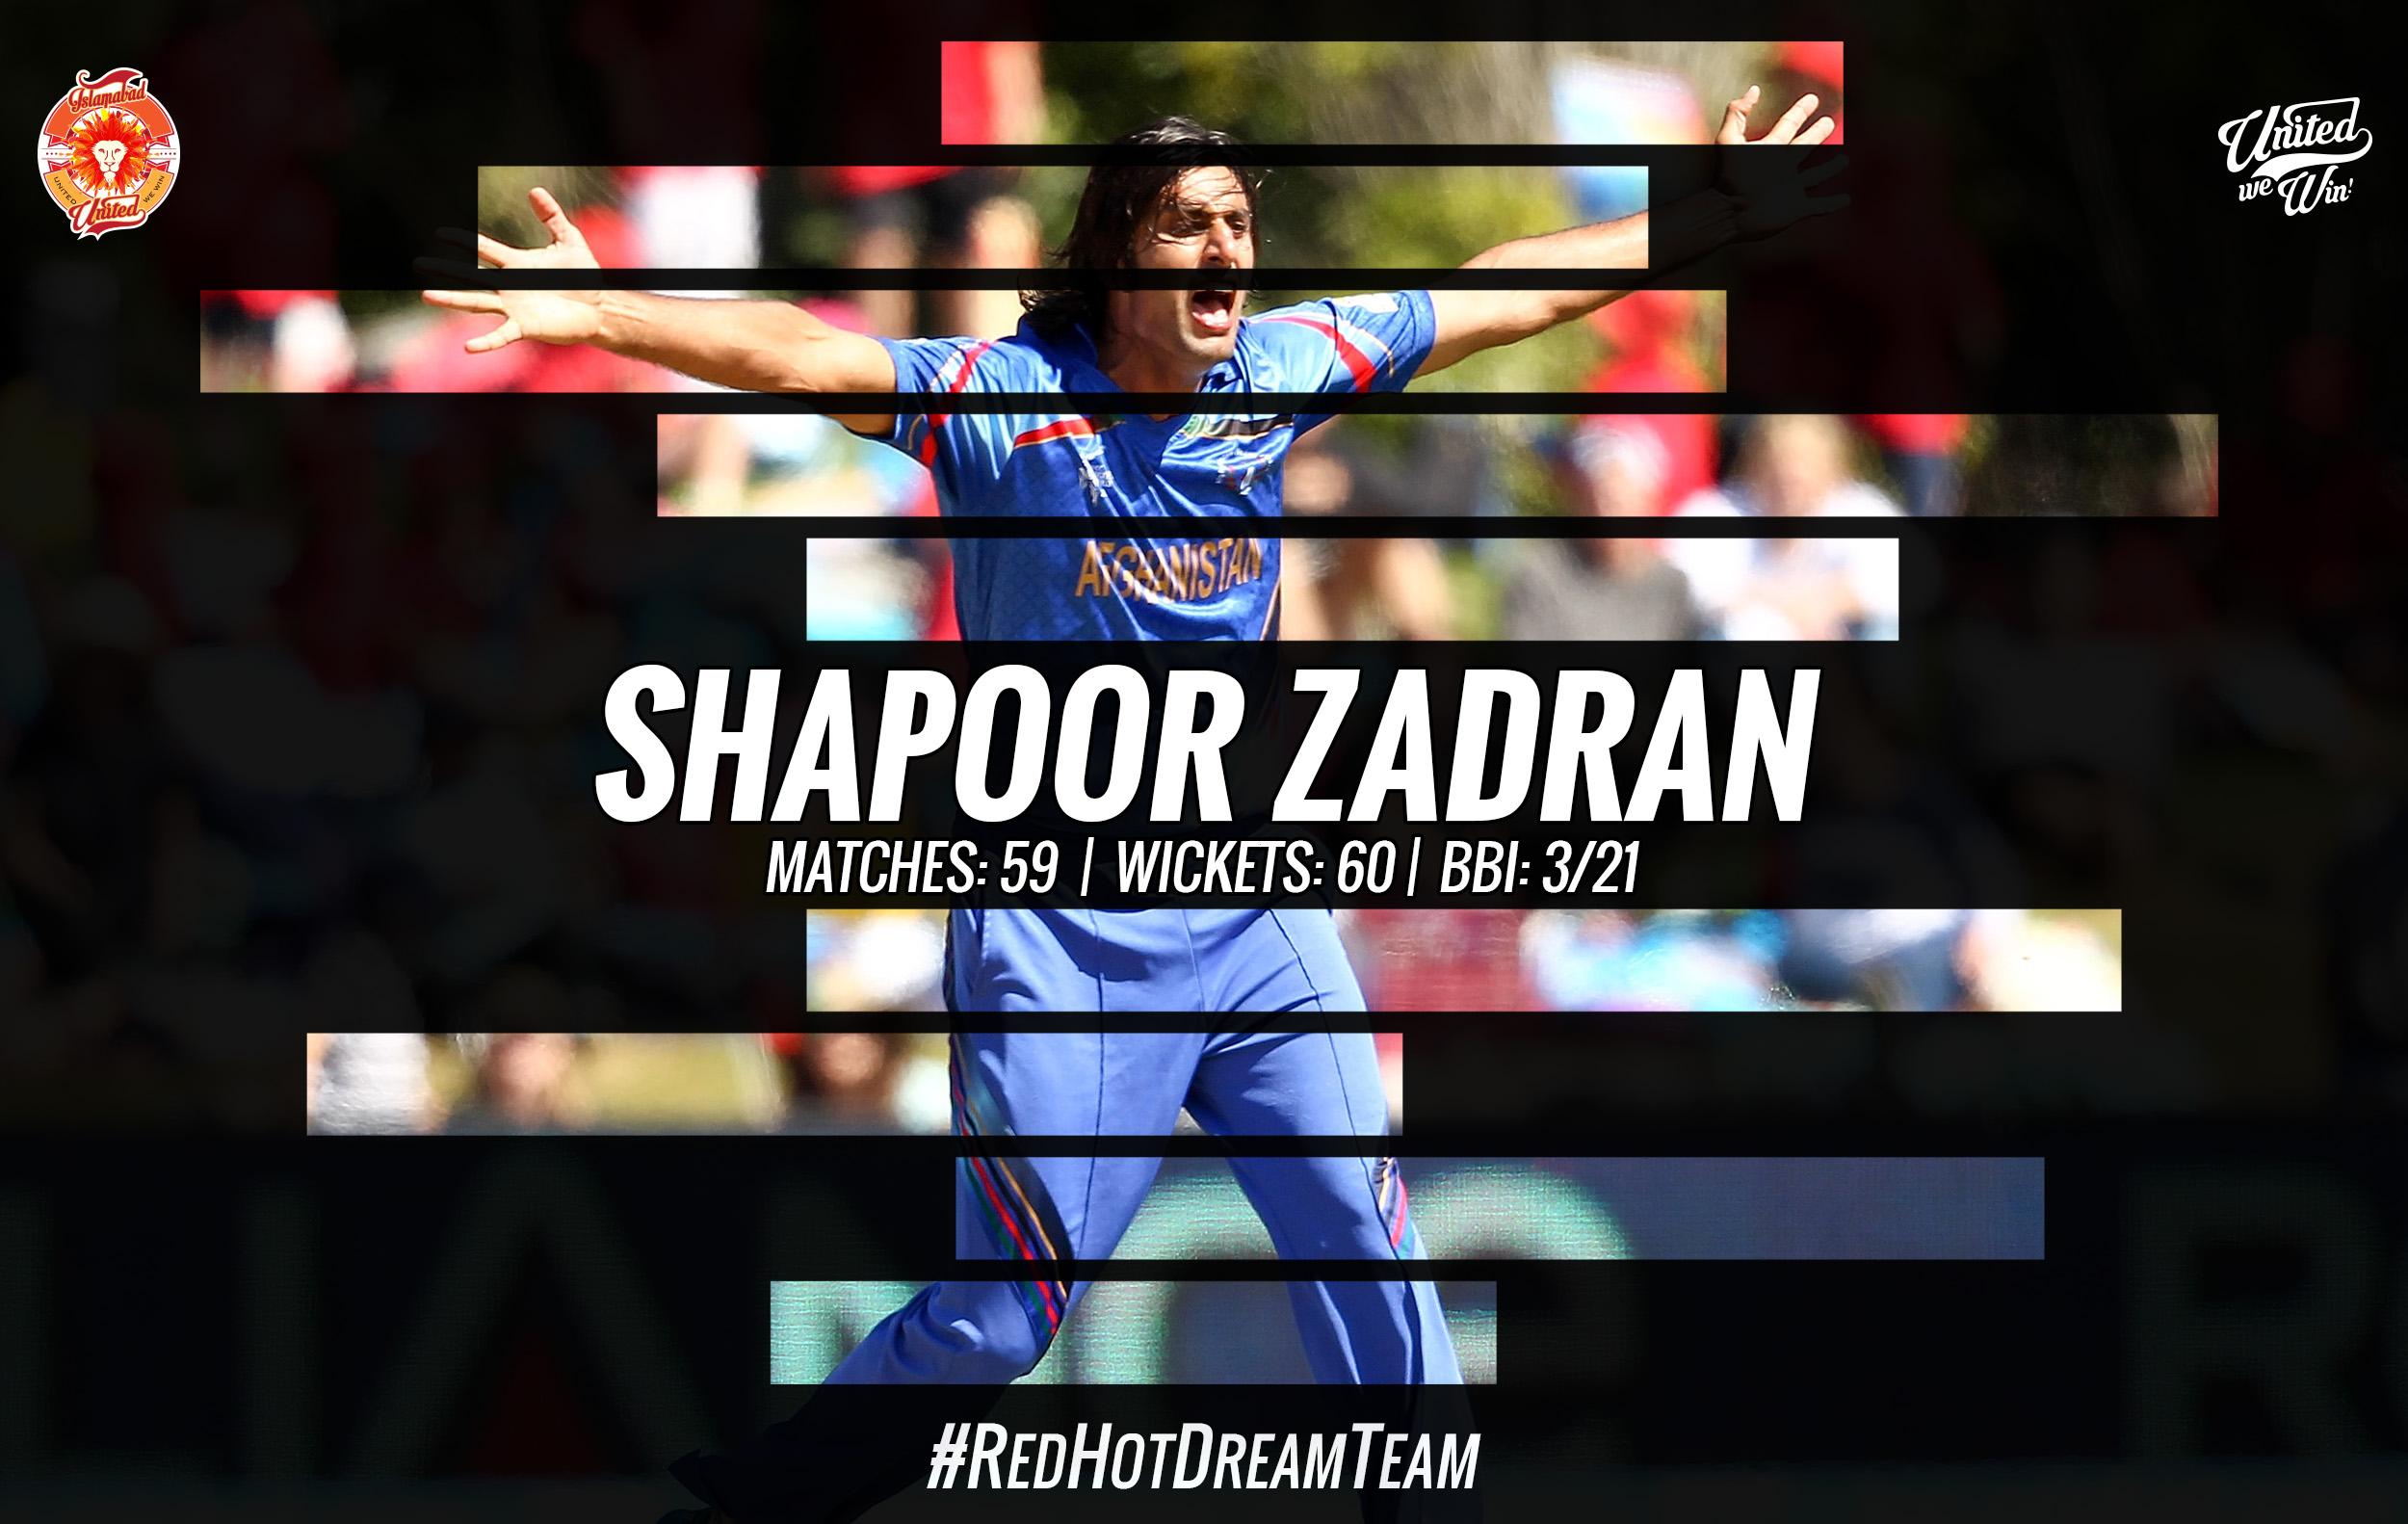 Shapoor Zadran